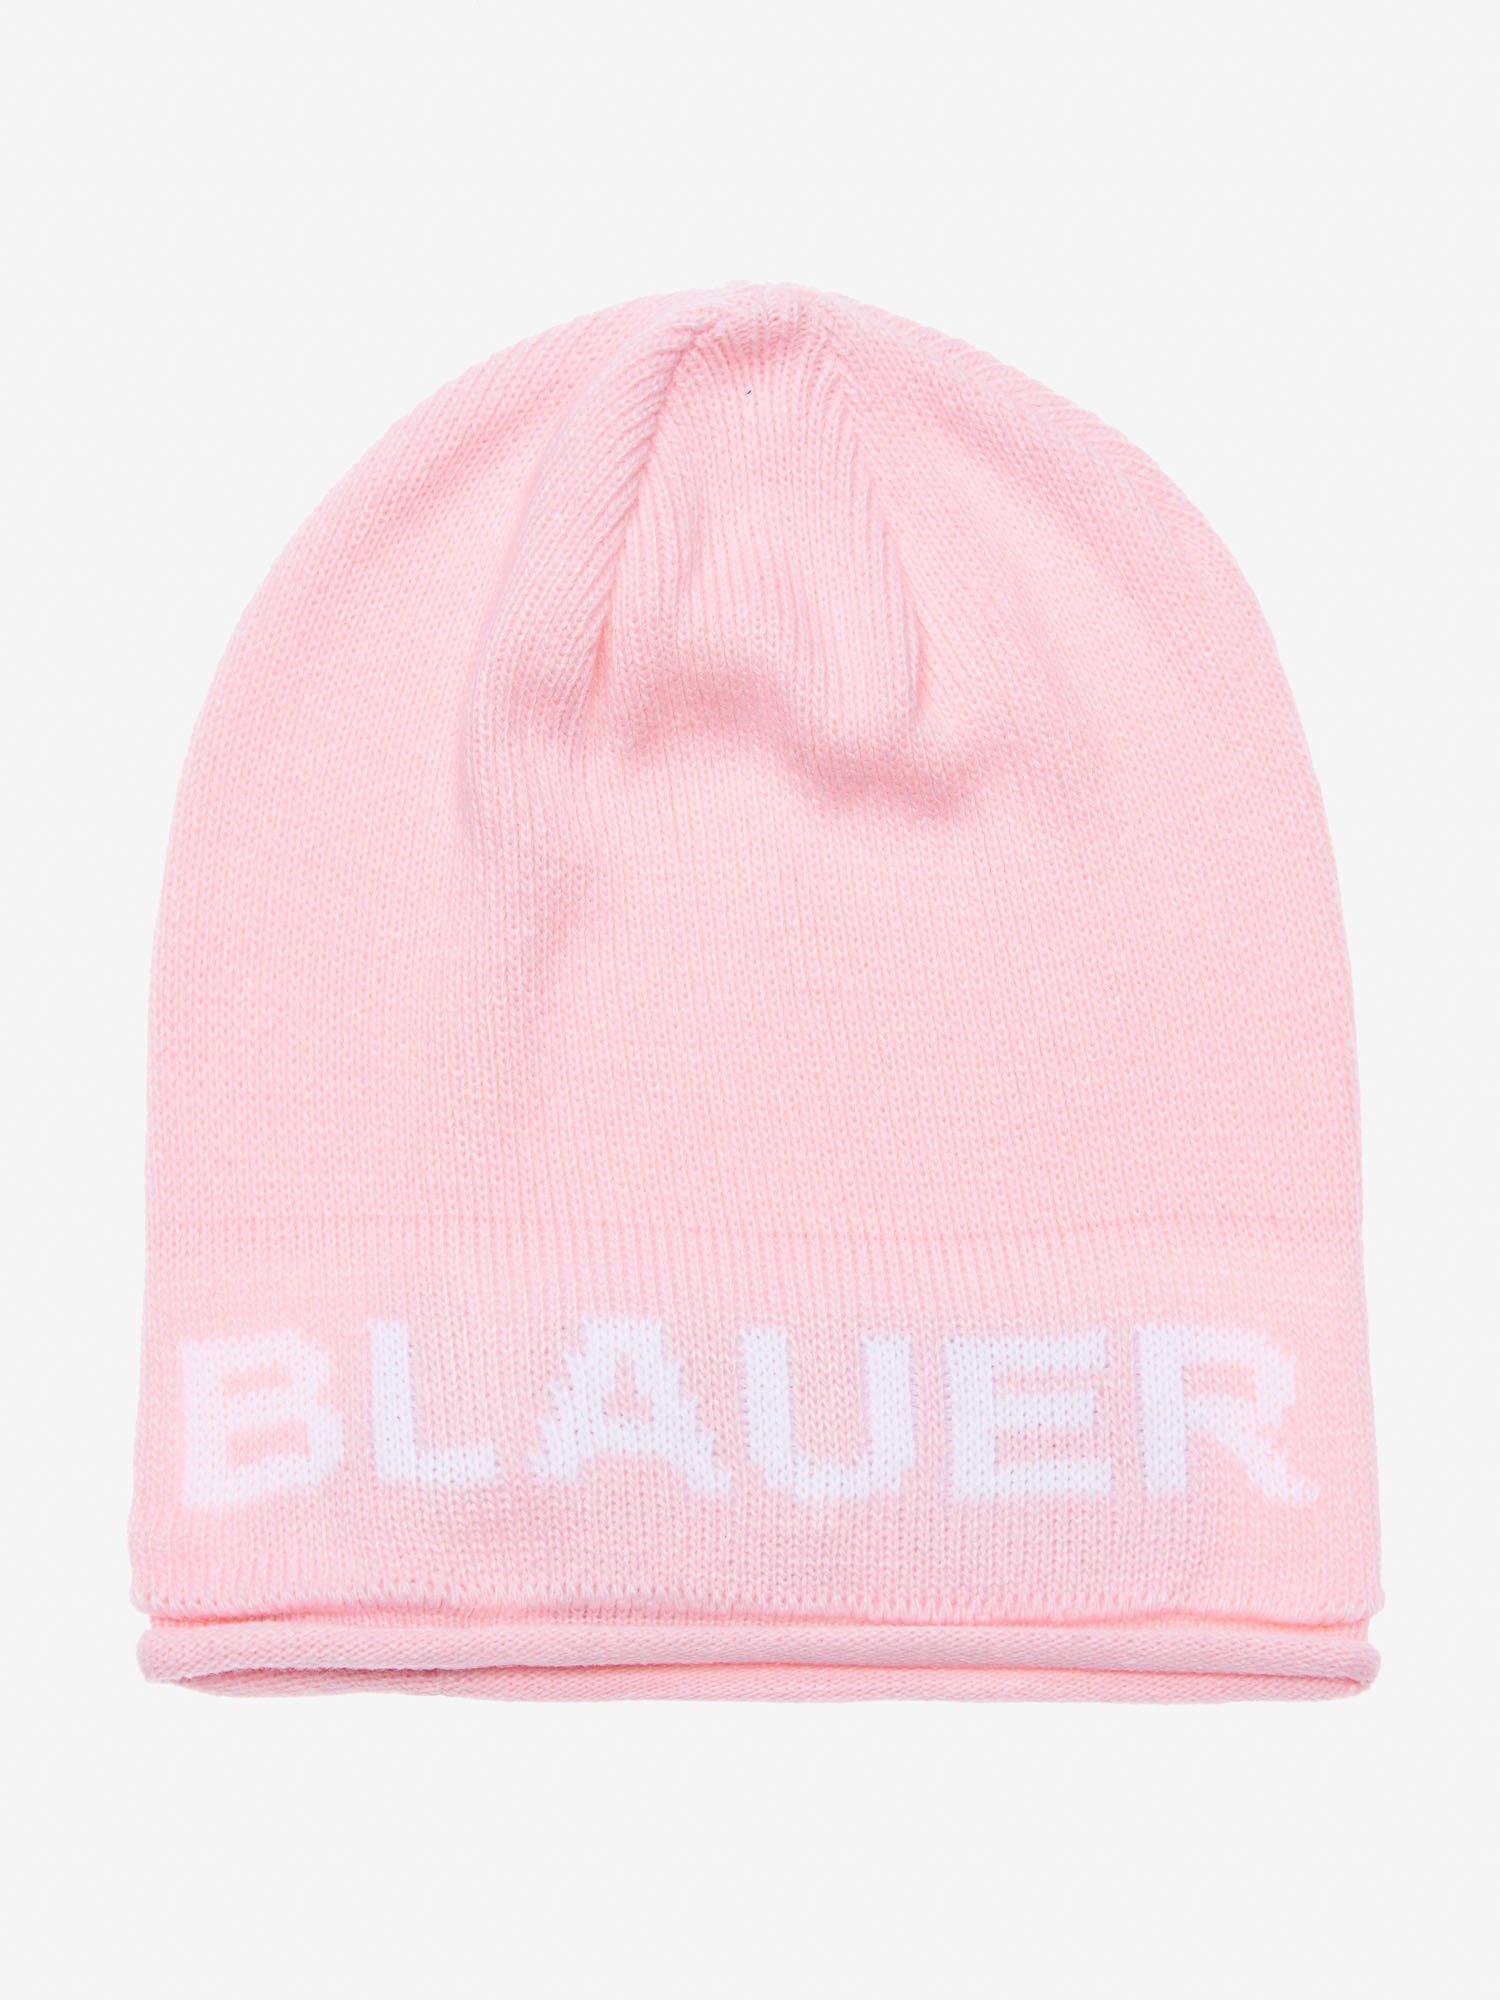 Blauer - MÜTZE BLAUER - Rose - Blauer